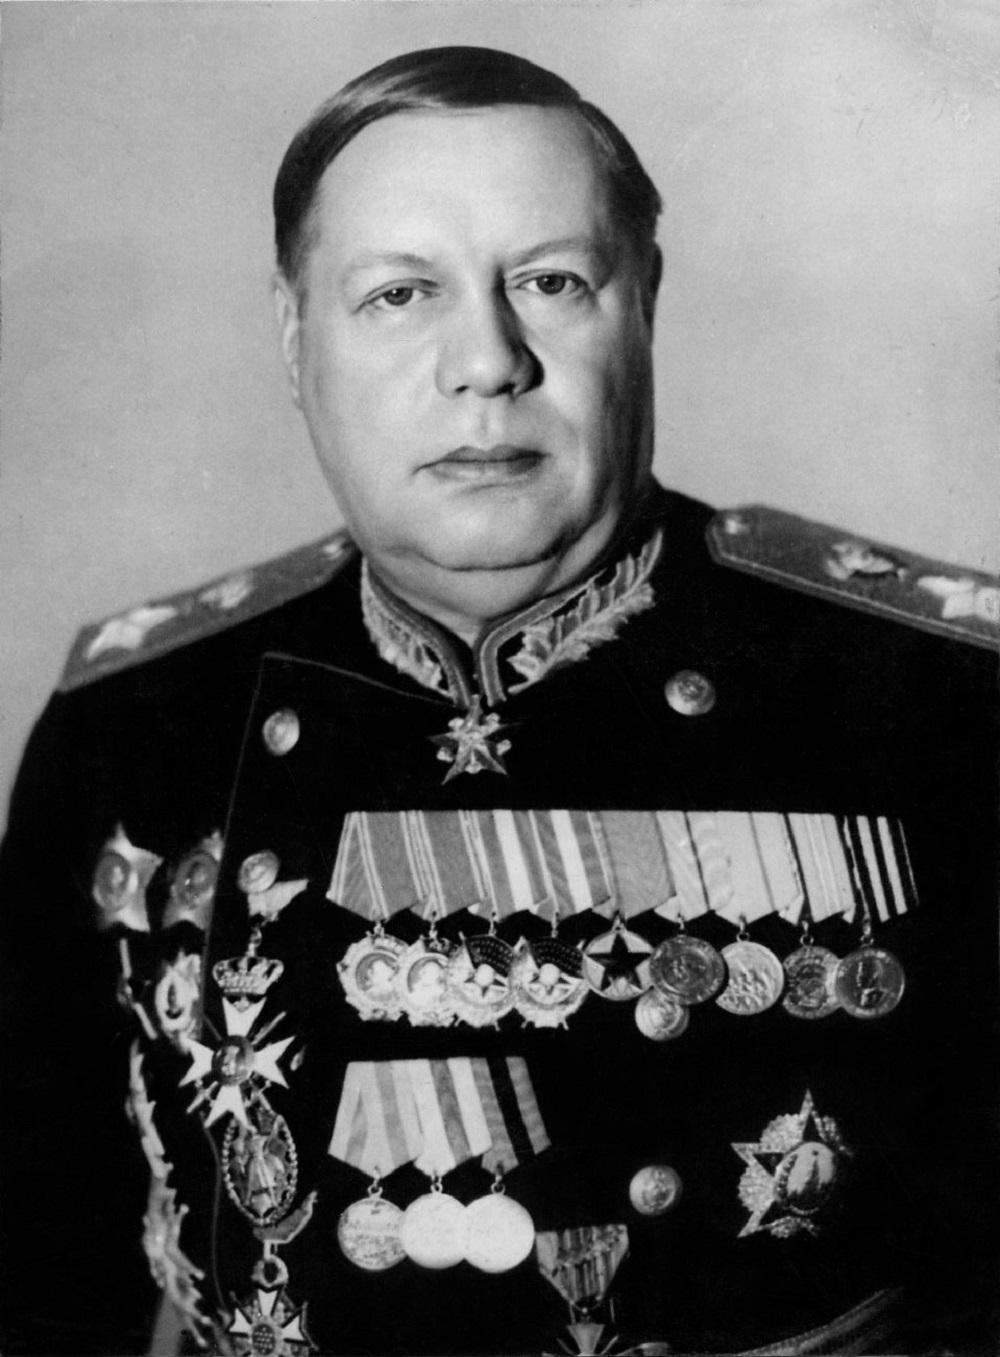 17-6 Парадный портрет Маршала Советского Союза Ф.И. Толбухина.jpg